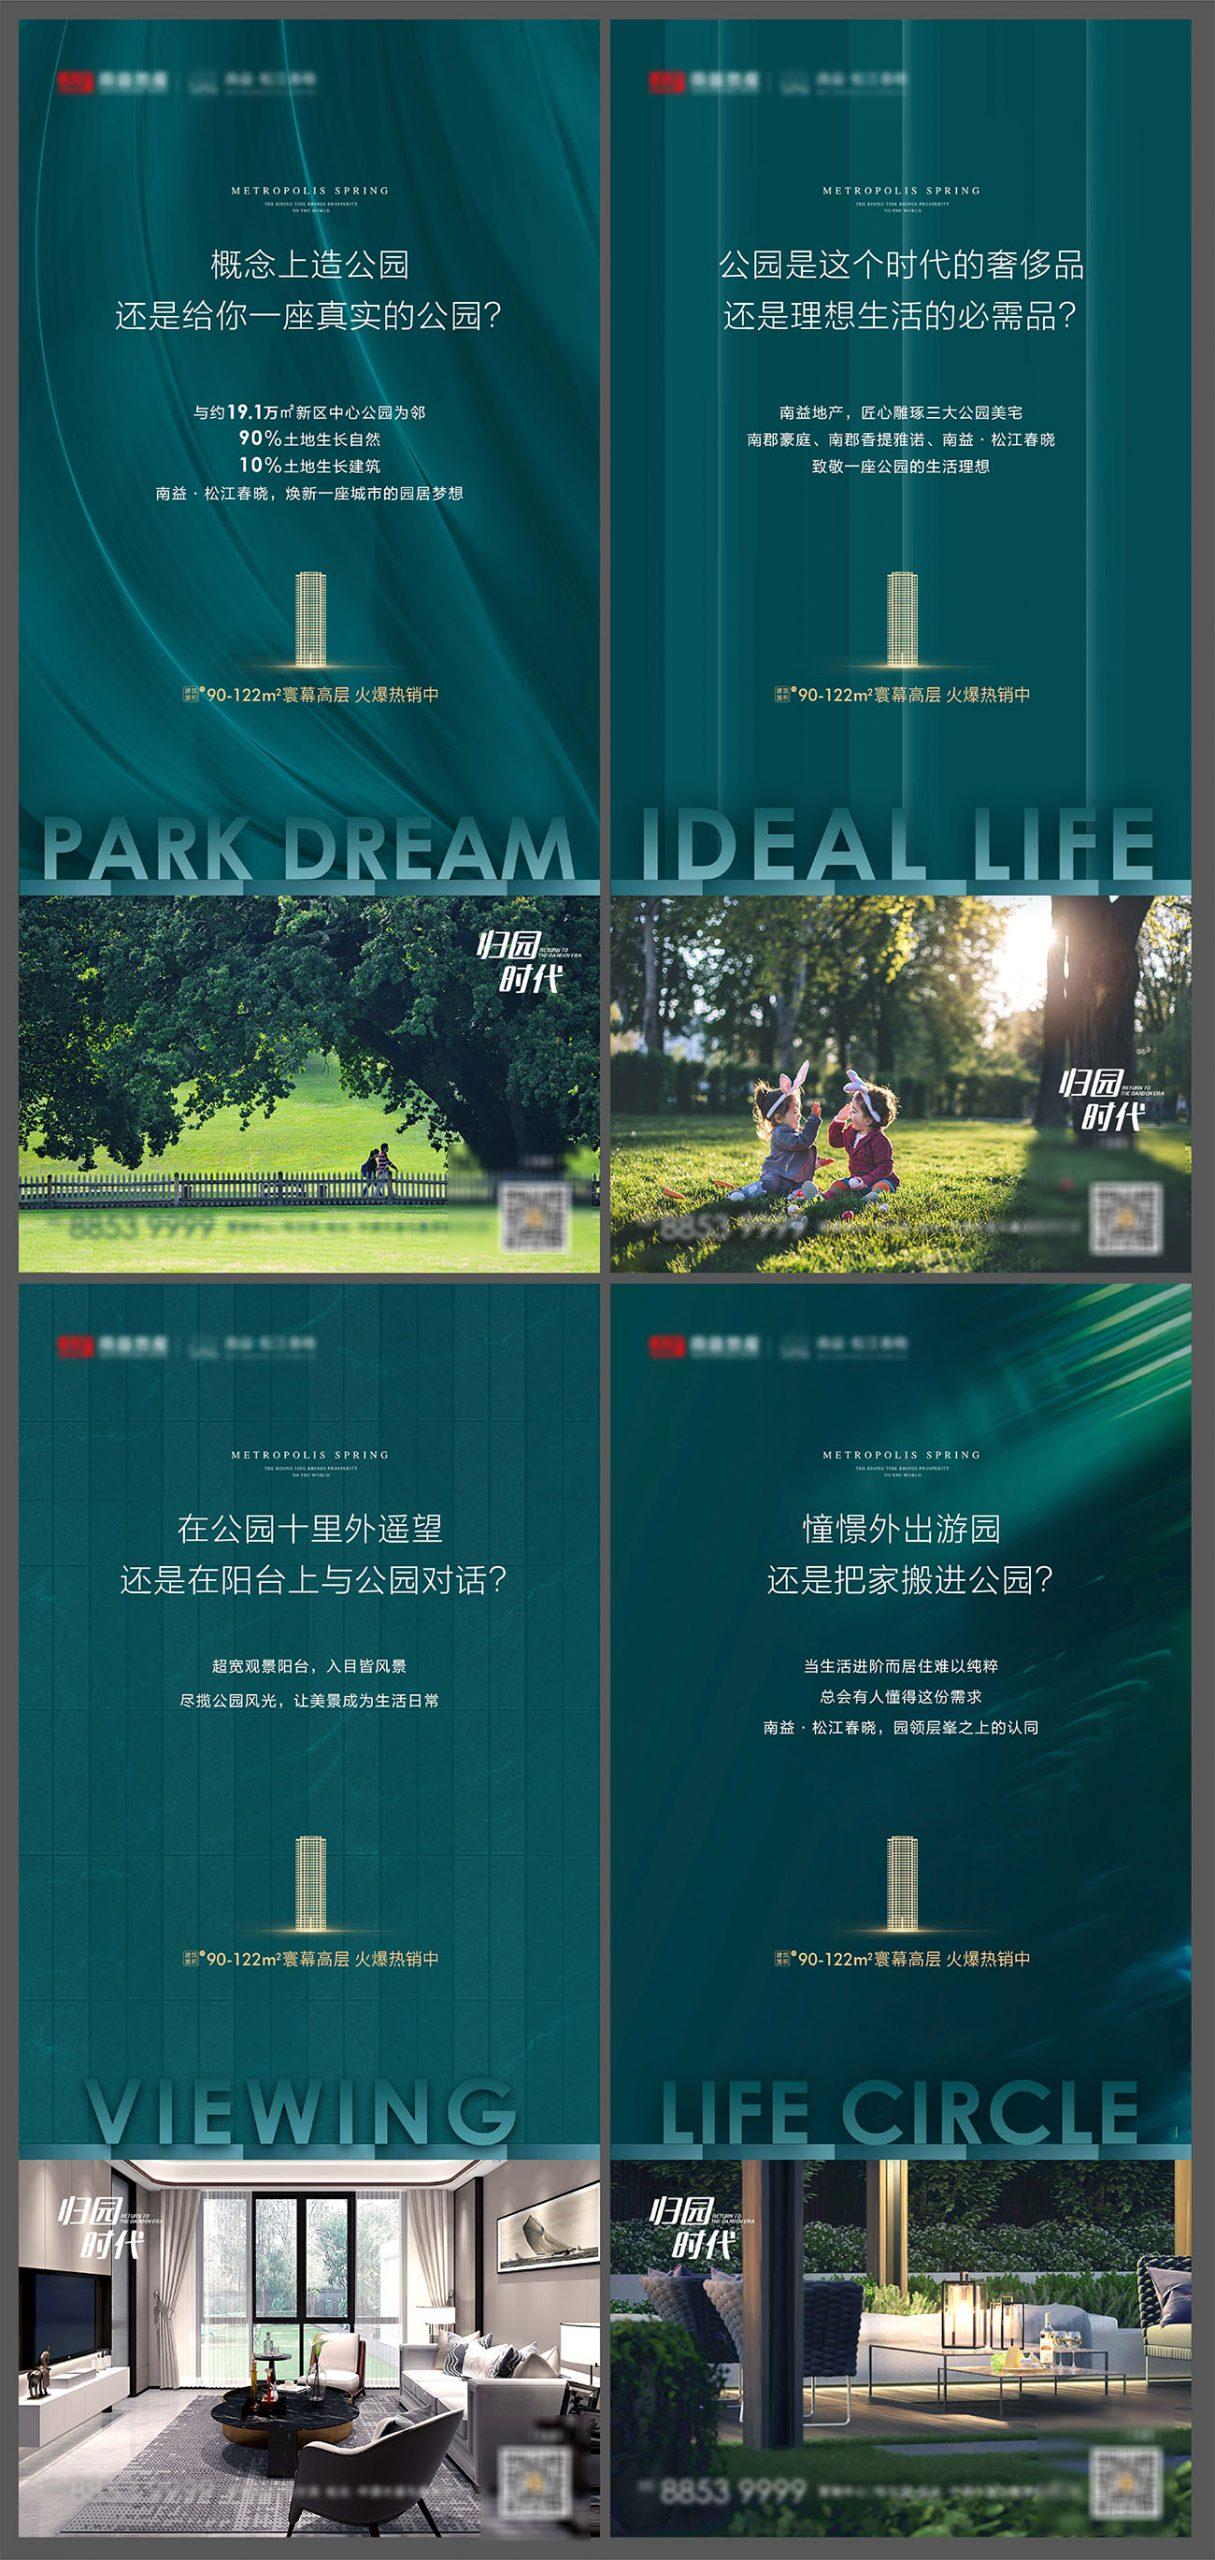 地产园林公园价值点系列海报PSD源文件插图